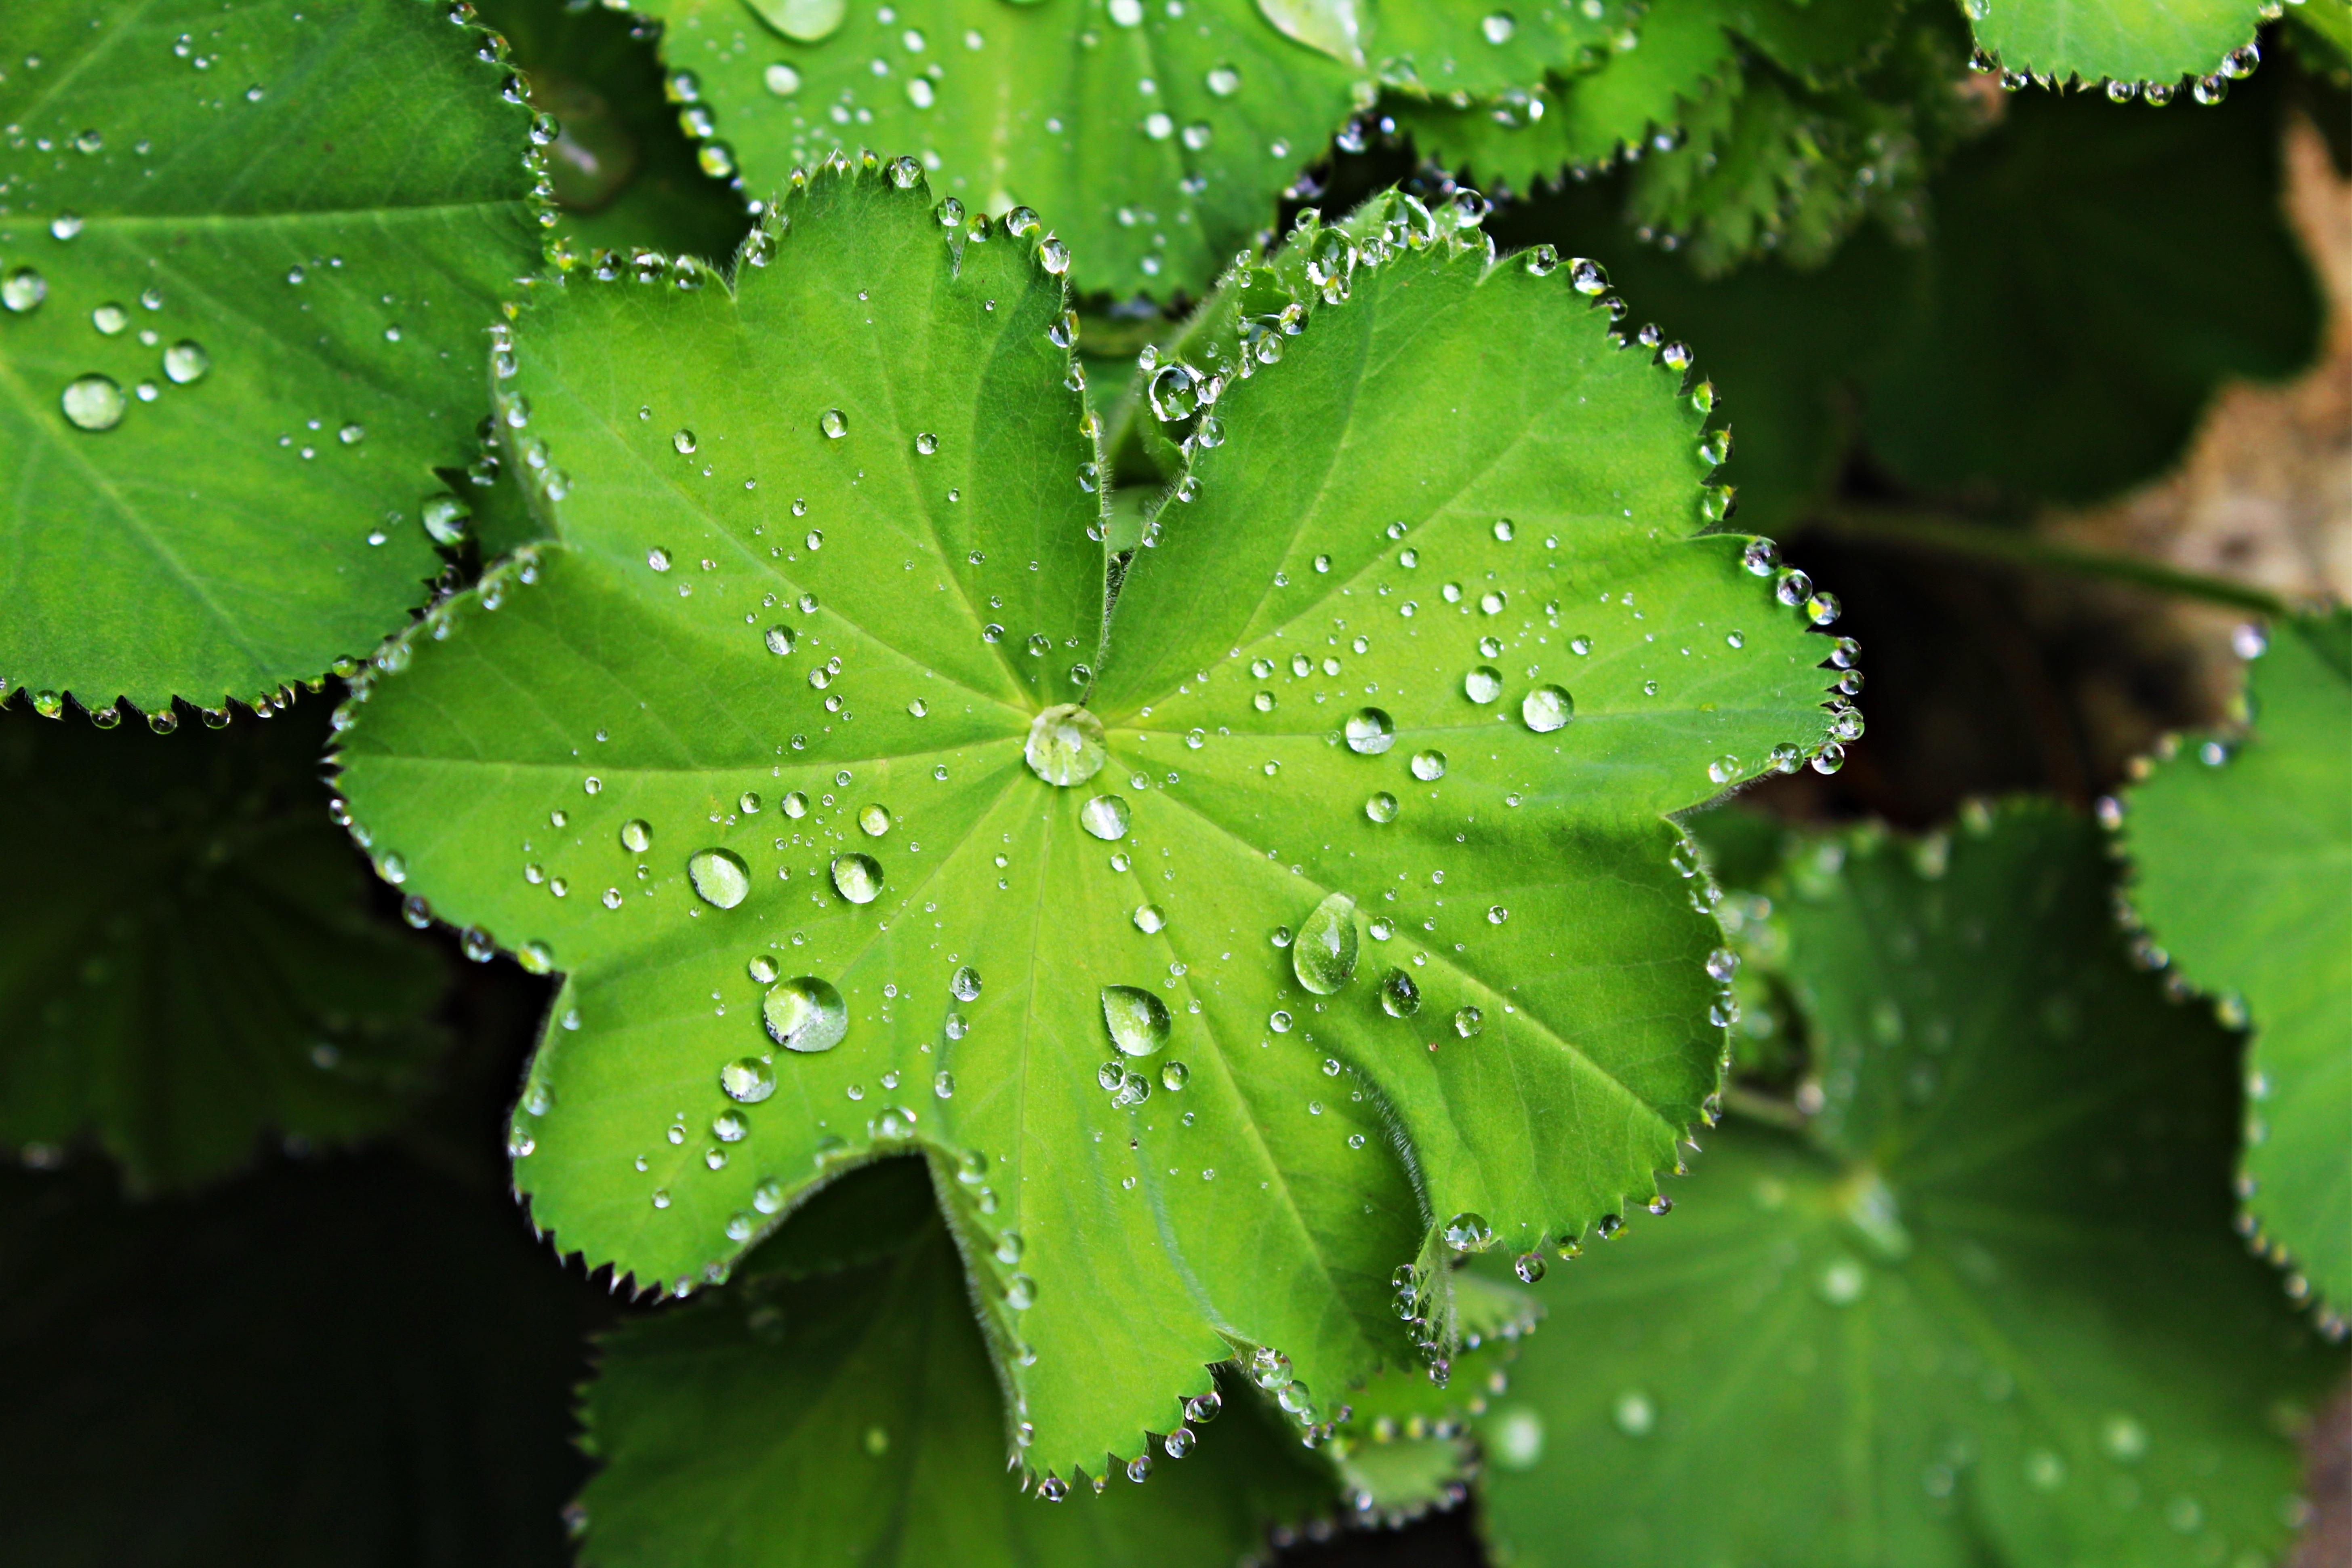 hình ảnh : cây, sương, thực vật, Ánh sáng mặt trời, Lá, màu xanh lá, Sản xuất, Thực vật học, gần, Nhỏ giọt, Cây xanh, Cây bụi, Độ ẩm, Đính cườm, ...